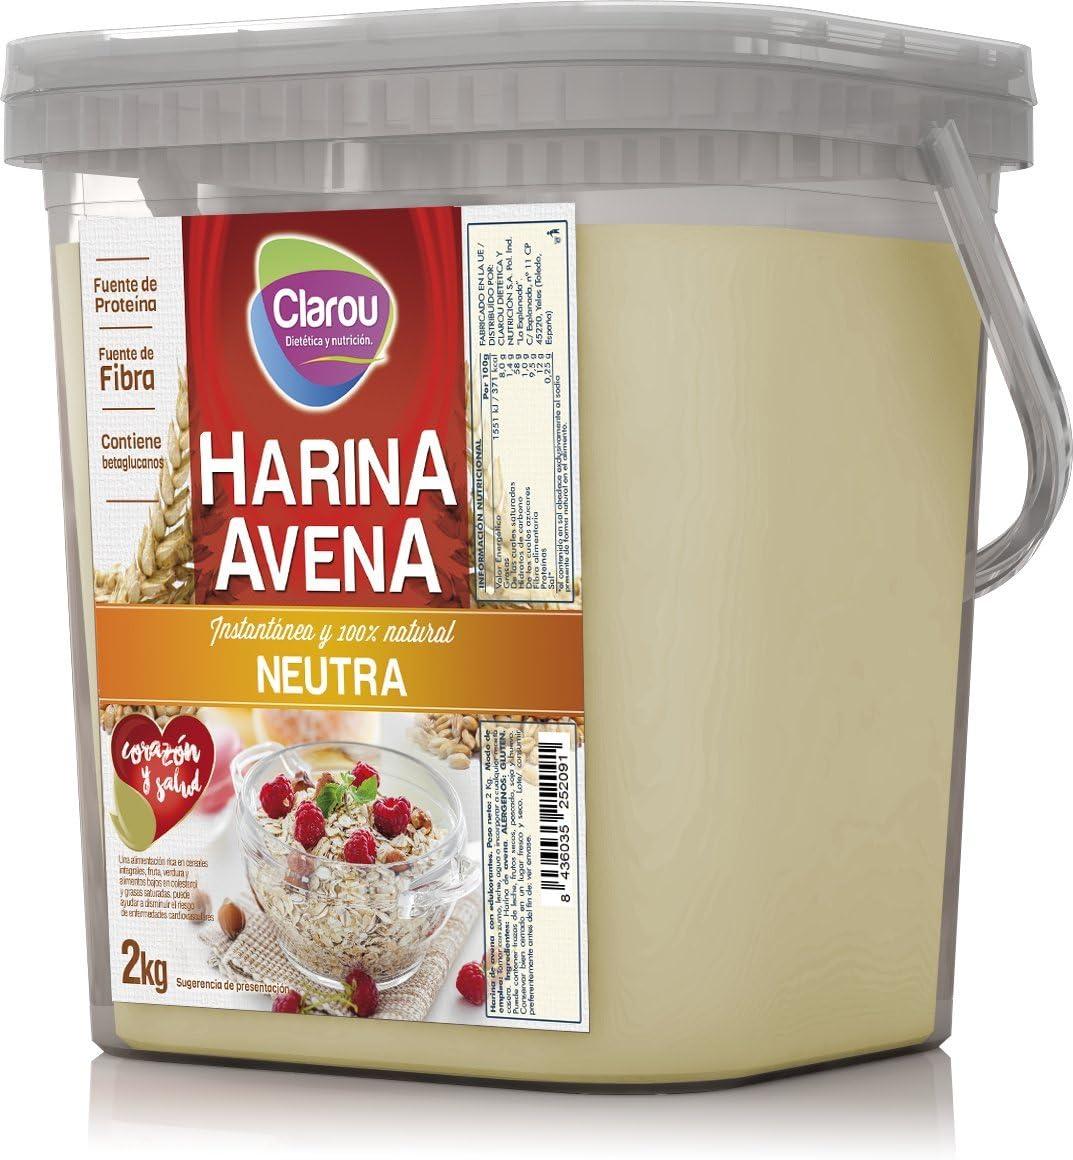 Clarou Harina de Avena Neutra 2 kg: Amazon.es: Alimentación y bebidas